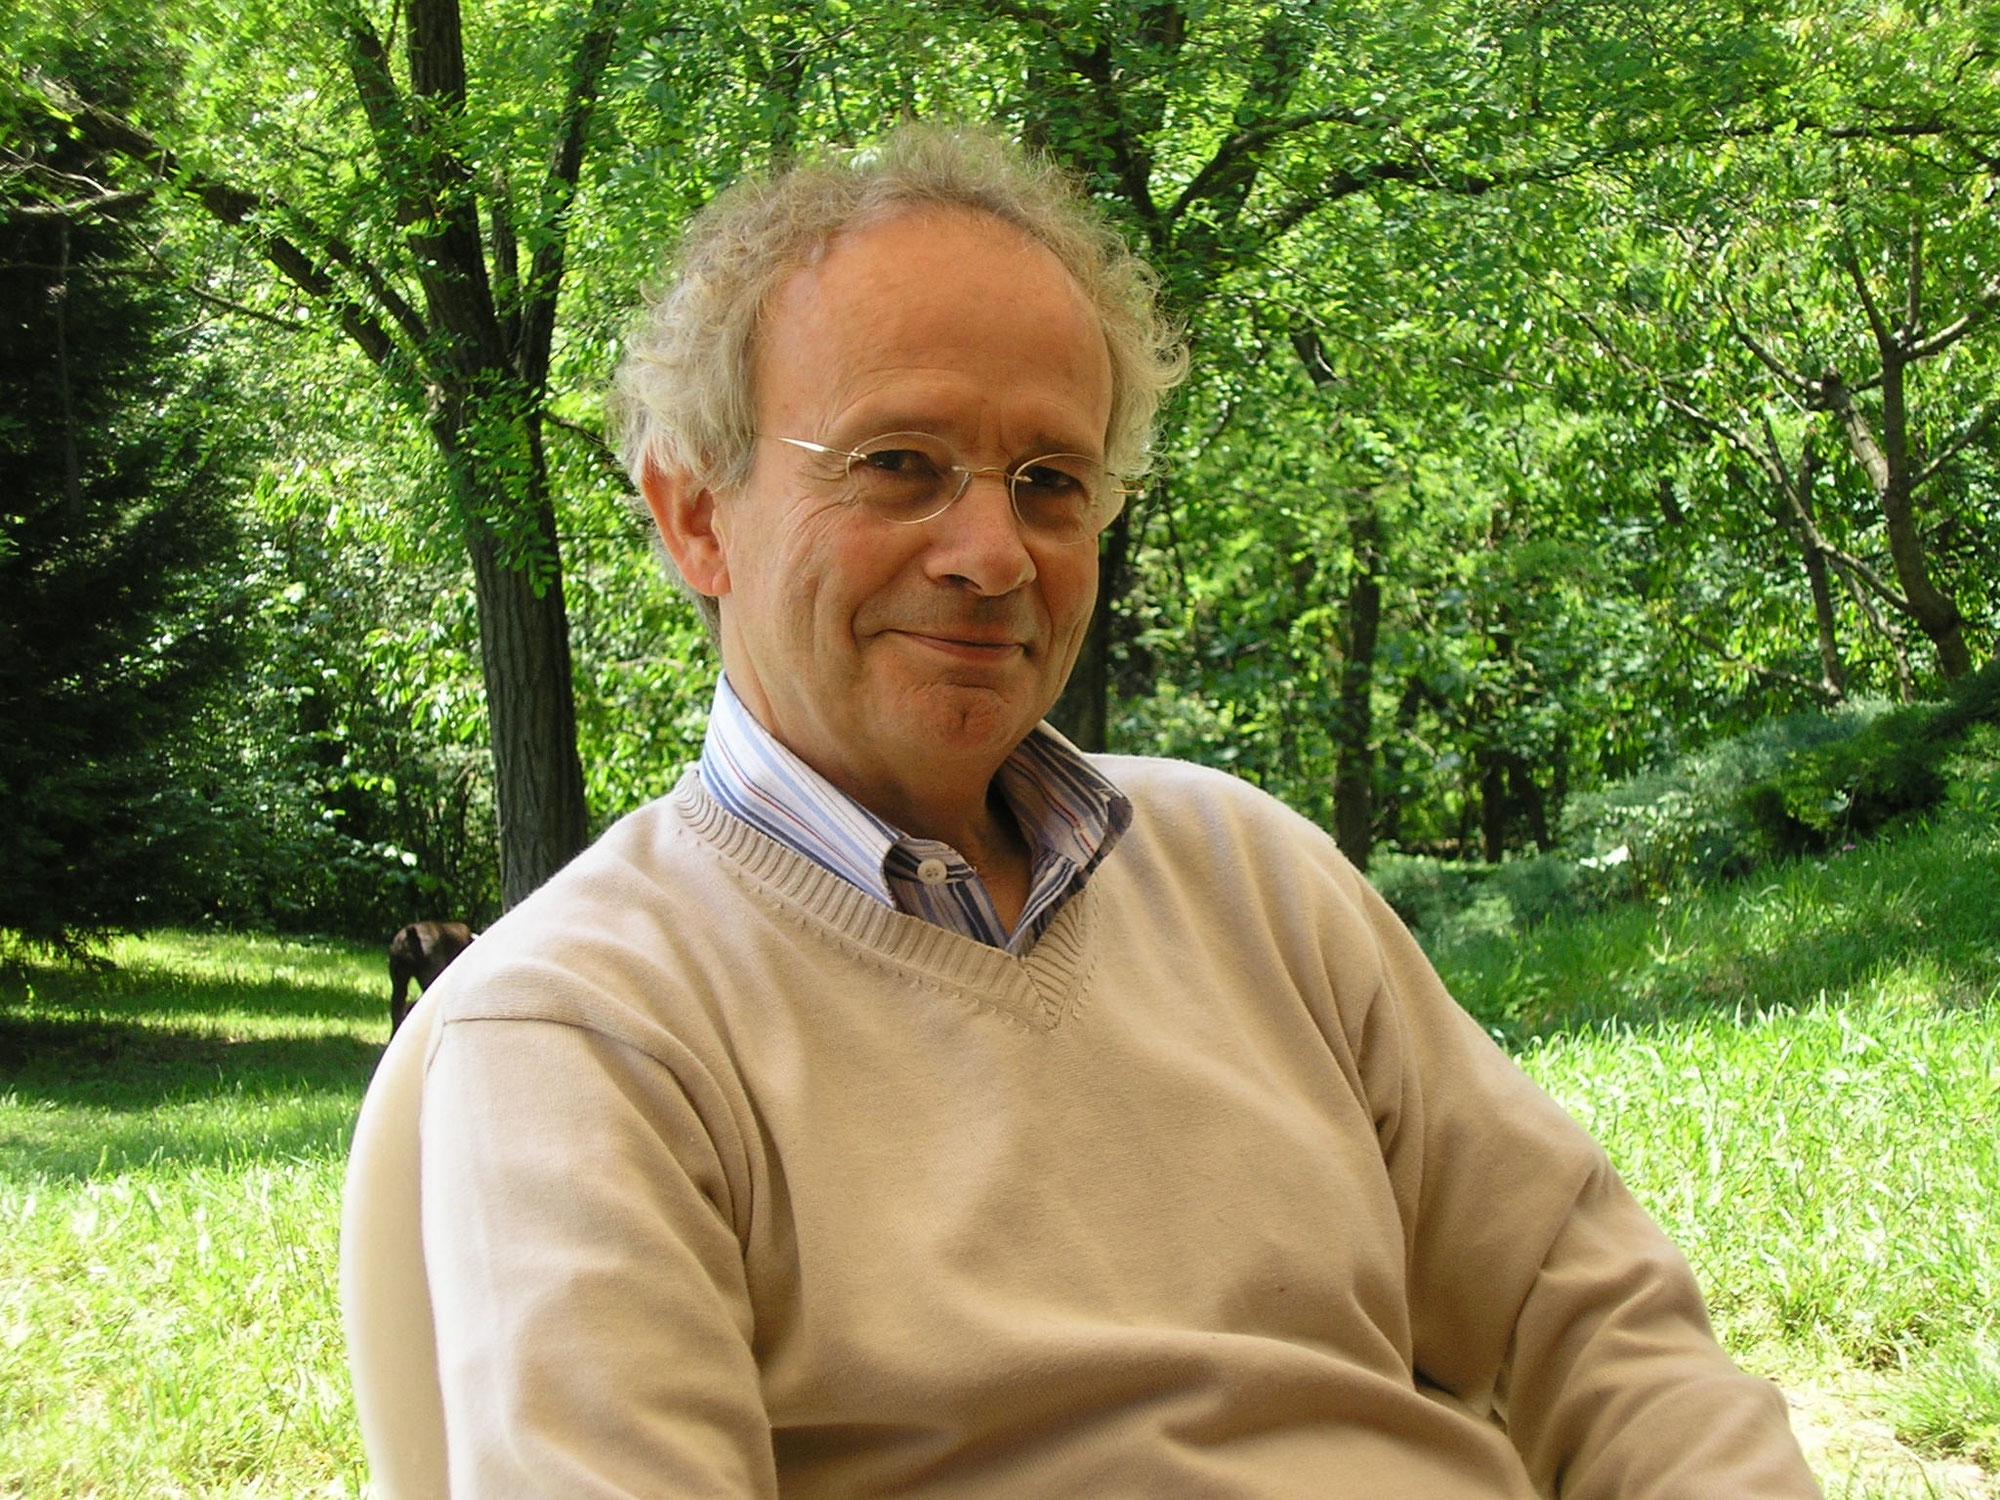 19e Chronique d'Alain BOUVIER: l'espoir est devant nous